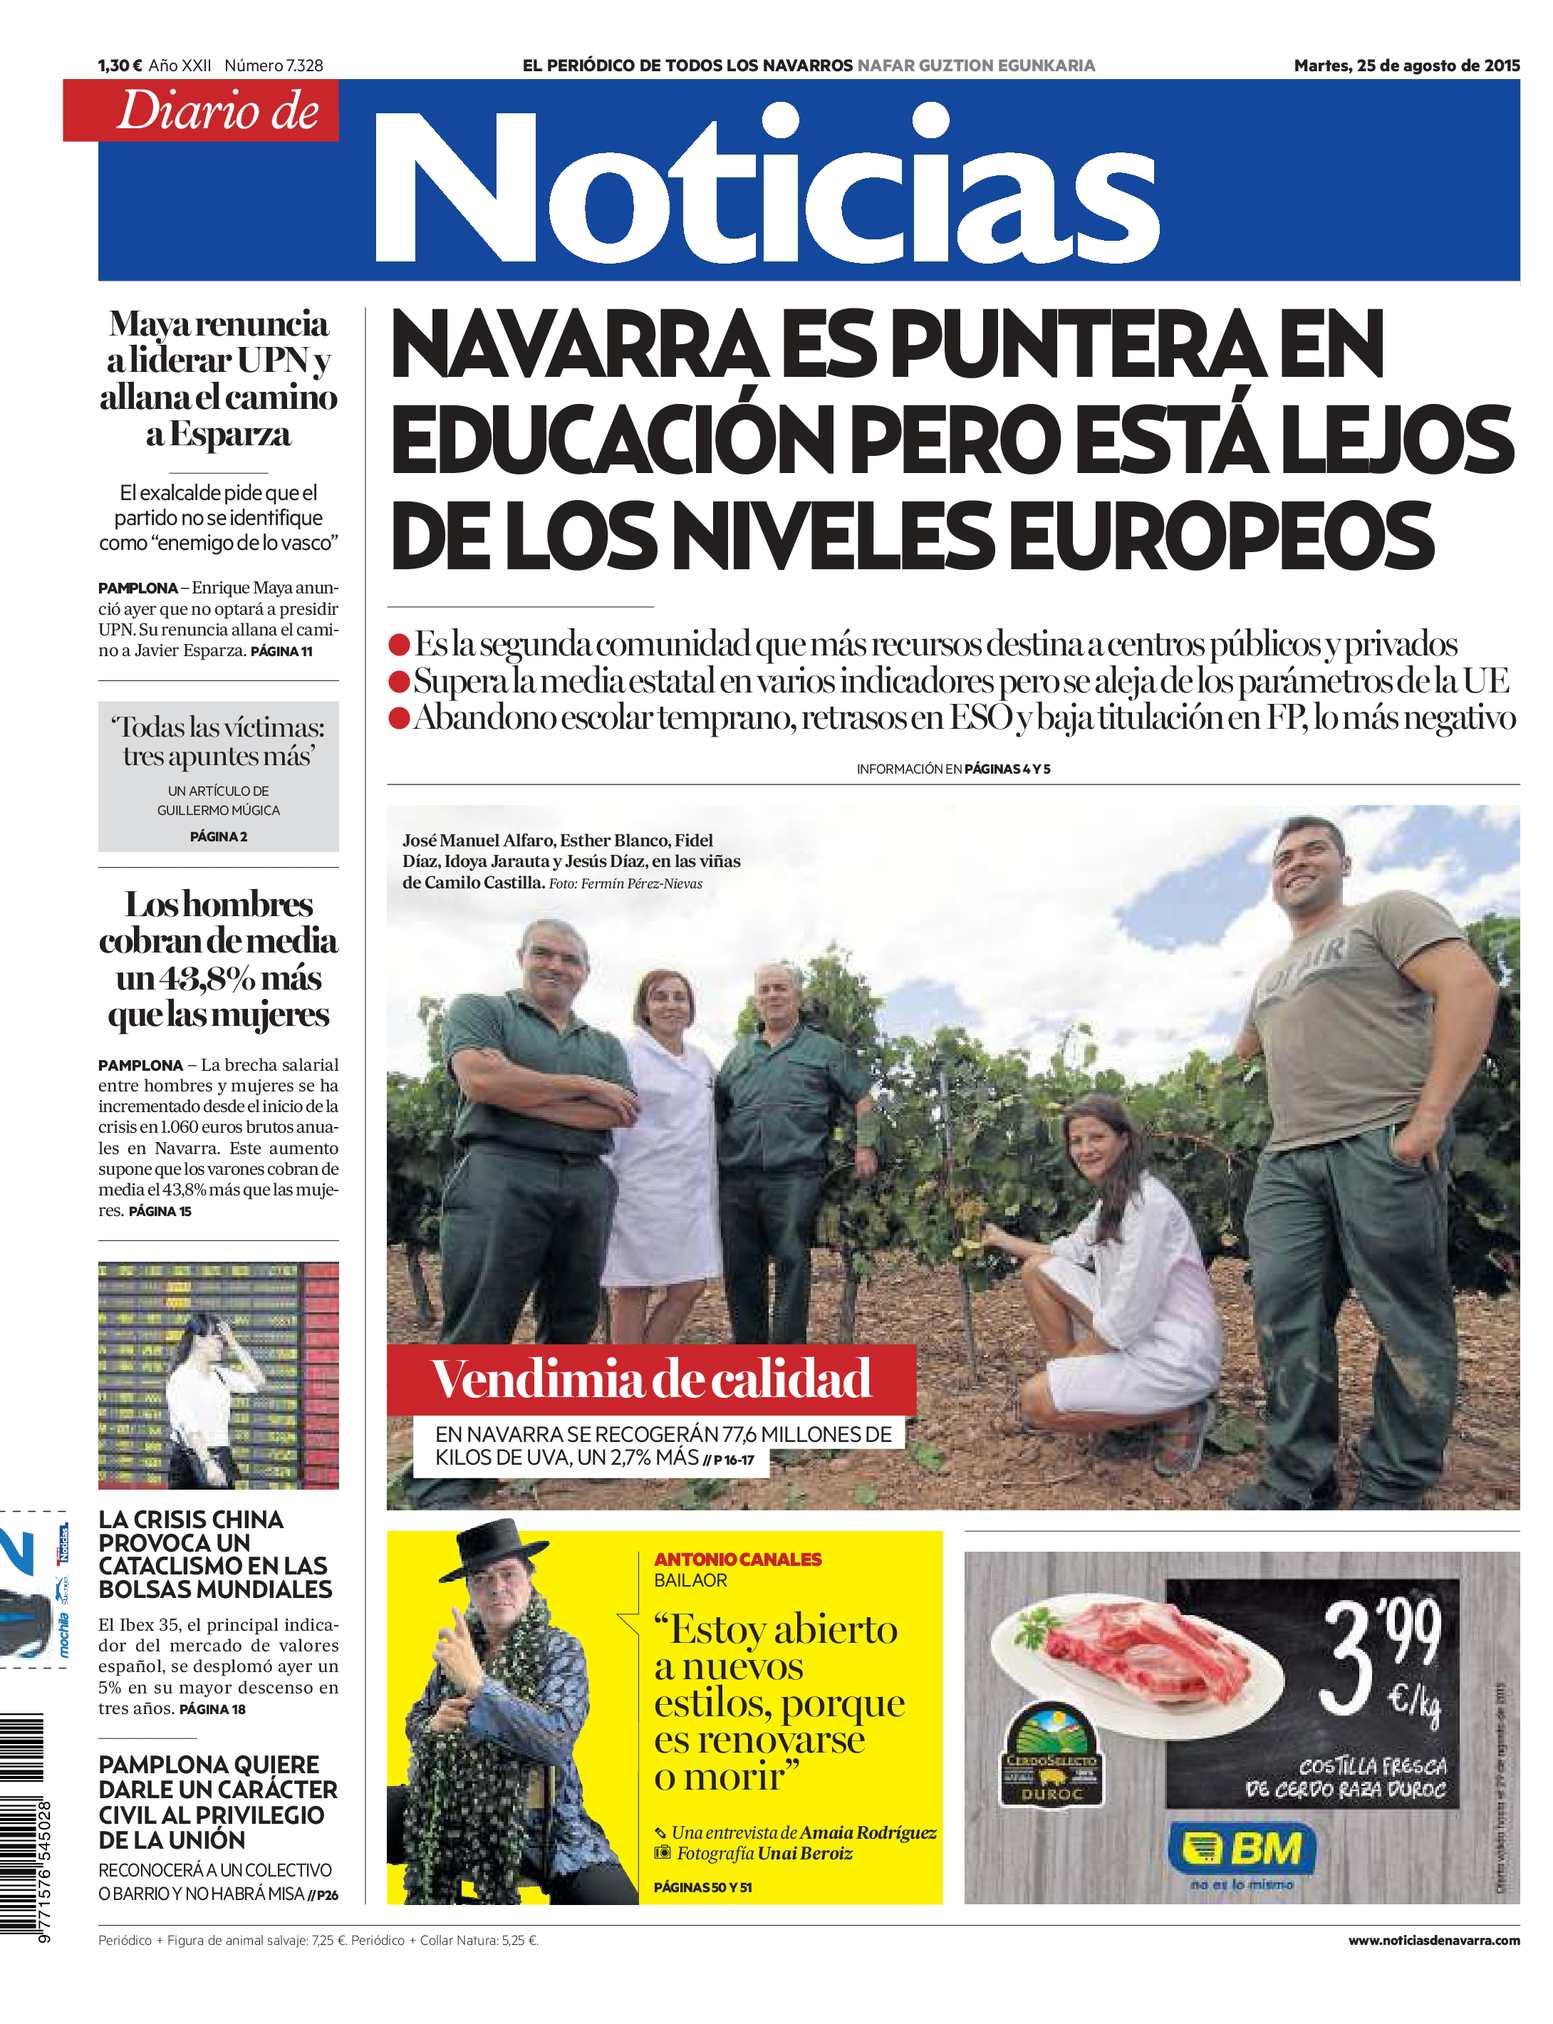 Candela X Y Estudiante Porno calaméo - diario de noticias 20150825